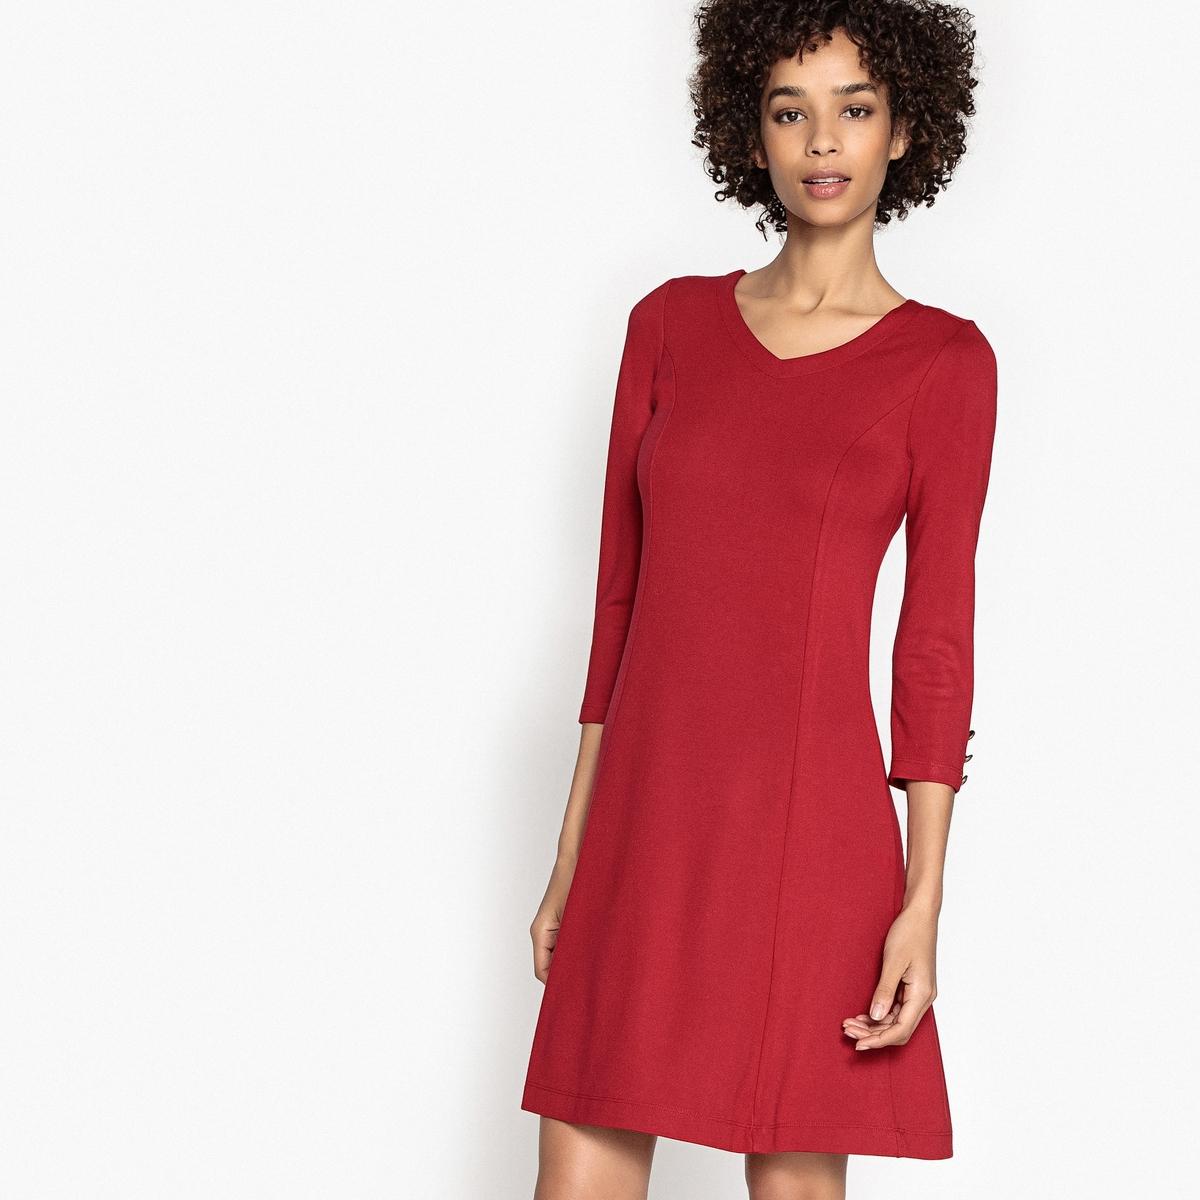 Платье короткое расклешенное однотонное с рукавами 3/4Описание:Детали •  Форма : расклешенная •  Укороченная модель •  Рукава 3/4    •   V-образный вырезСостав и уход •  83% вискозы, 14% полиэстера, 3% эластана •  Следуйте рекомендациям по уходу, указанным на этикетке изделия<br><br>Цвет: красный<br>Размер: 36 (FR) - 42 (RUS)